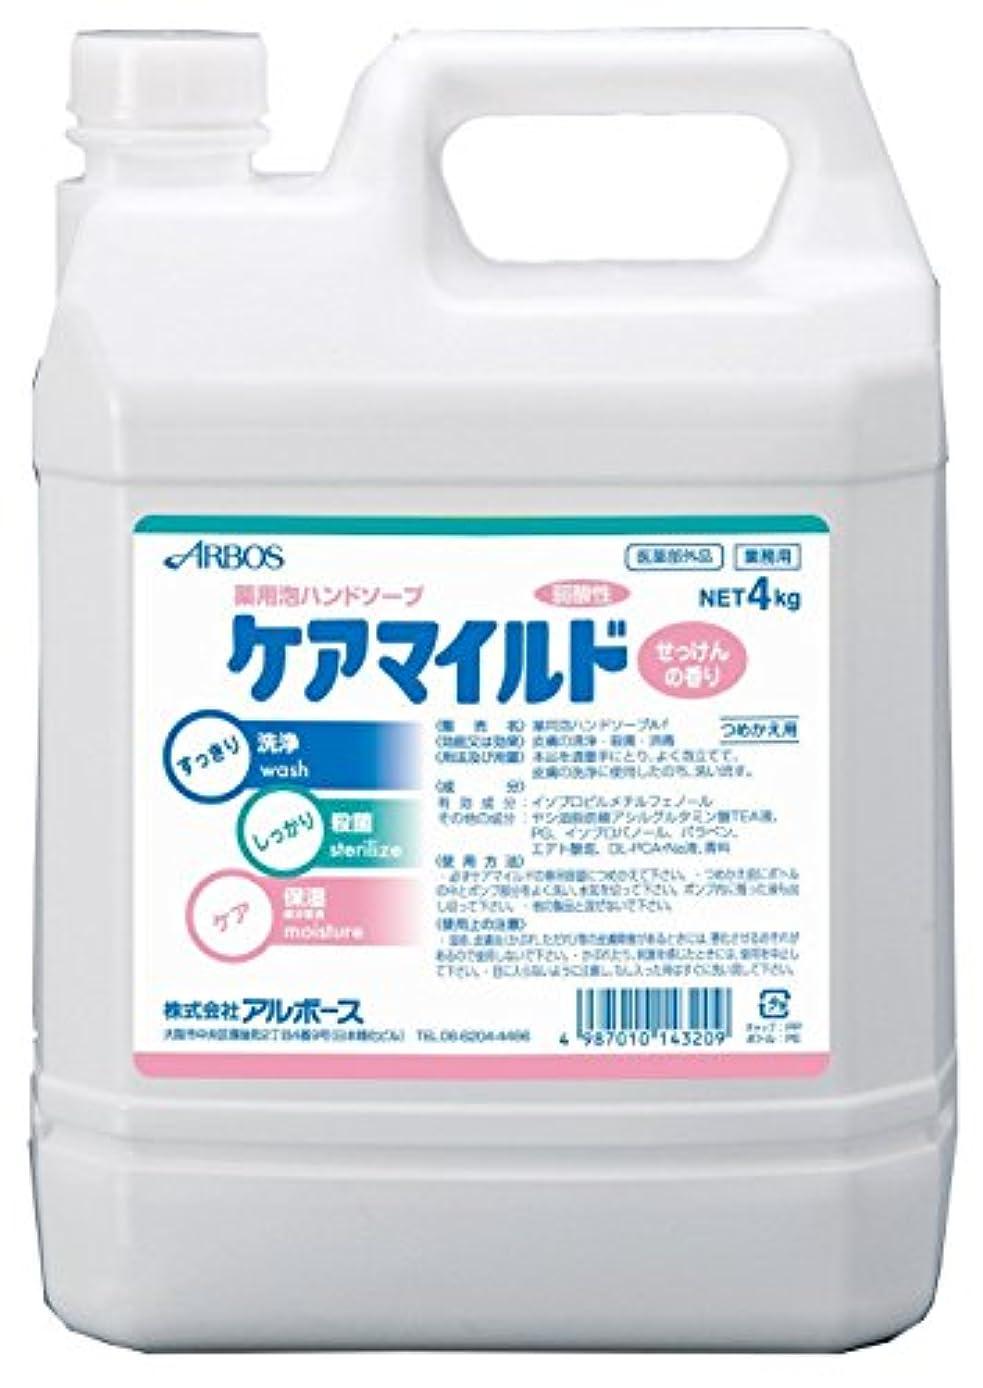 炭素ボウル水没薬用泡ハンドソープ ケアマイルド 詰め替え用 4L (4本入り)